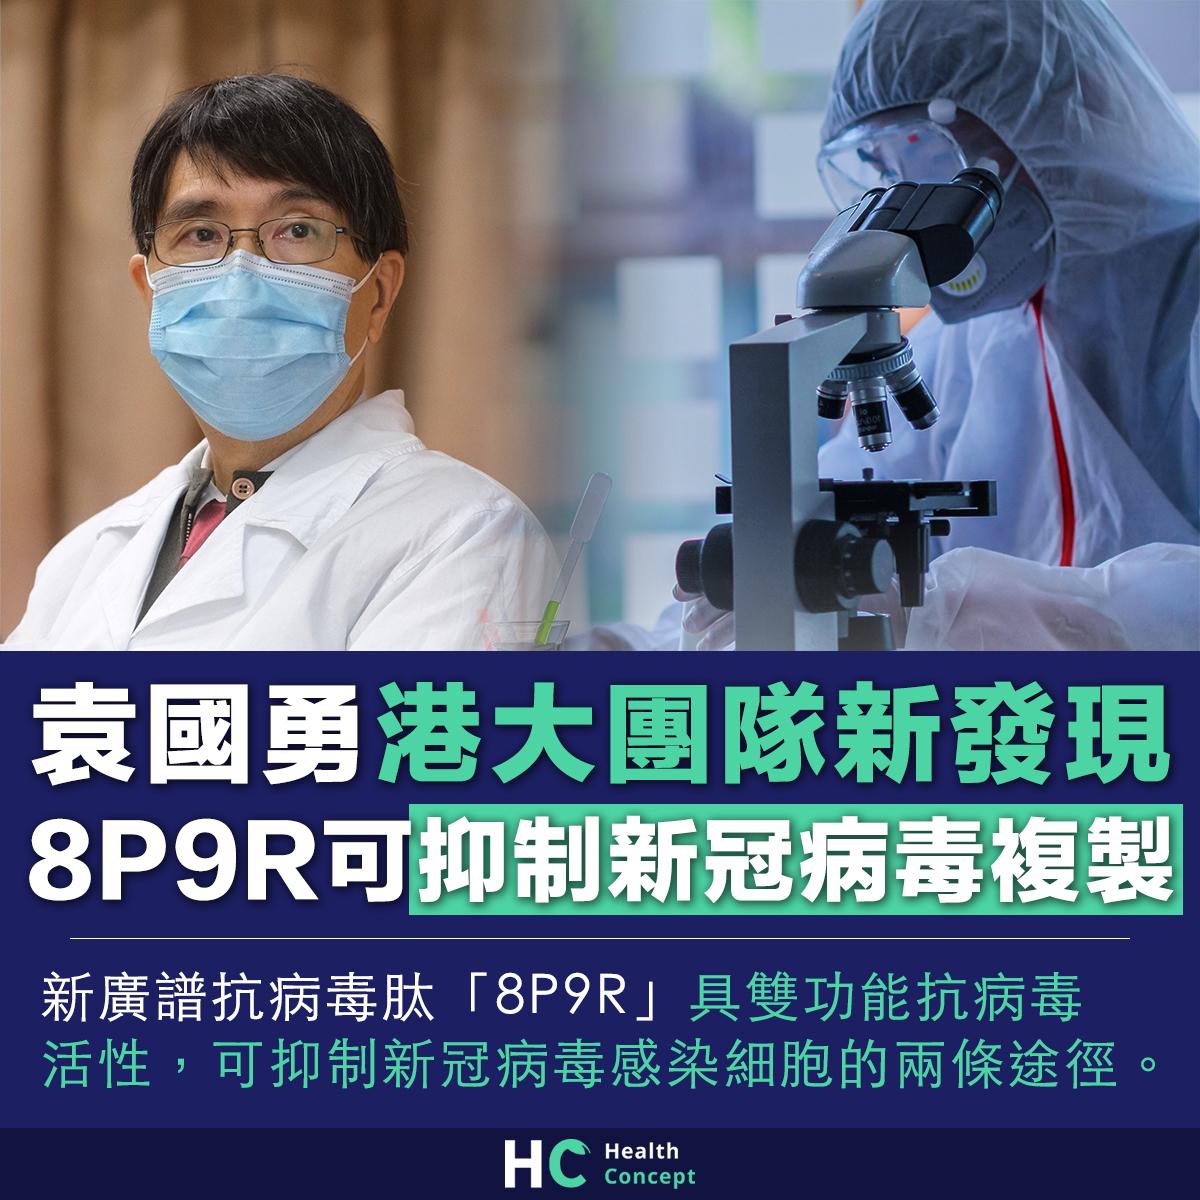 袁國勇港大團隊研究新發現 8P9R可抑制新冠病毒複製